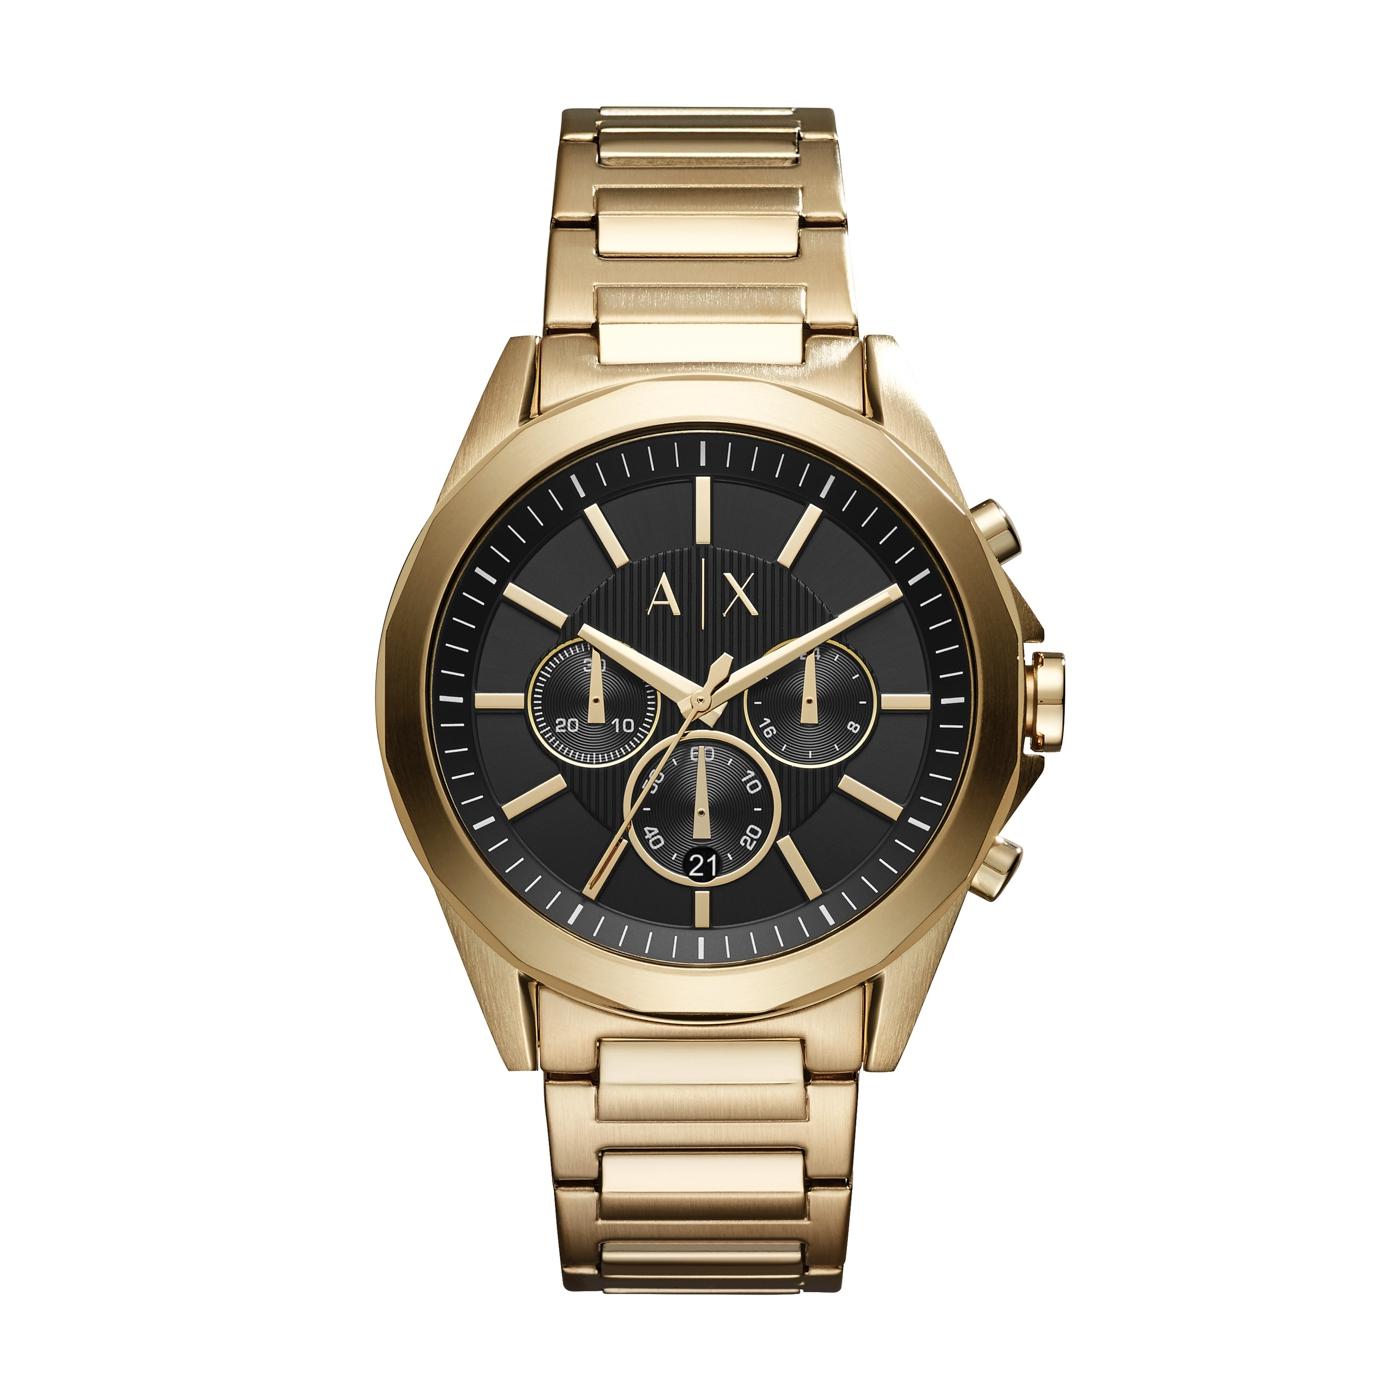 Afbeelding van Armani Exchange Drexler horloge AX2611